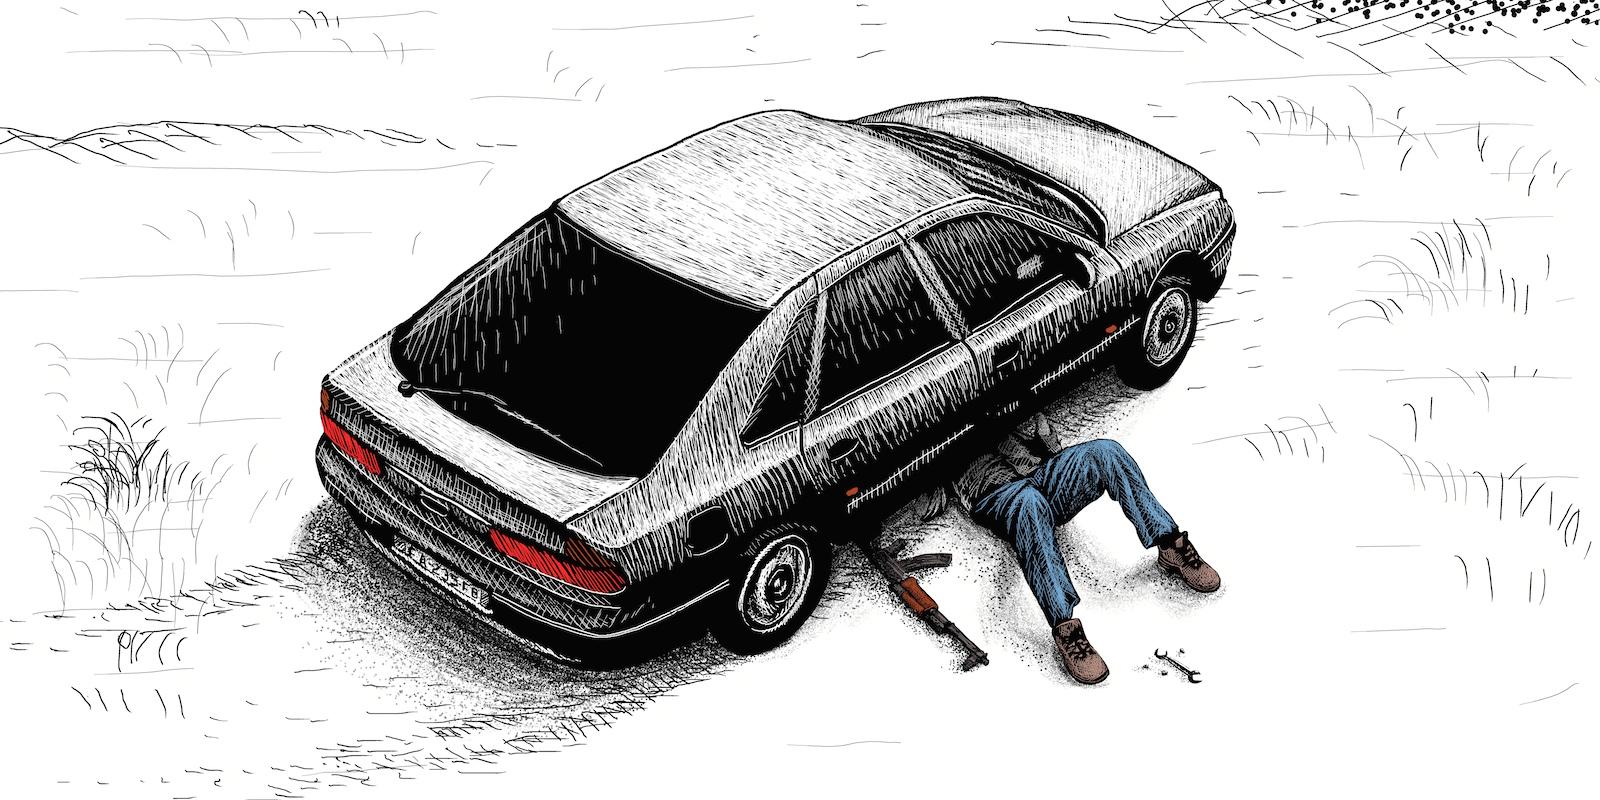 Le trafic d'armes oublié qui impliquait déjà Claude Hermant